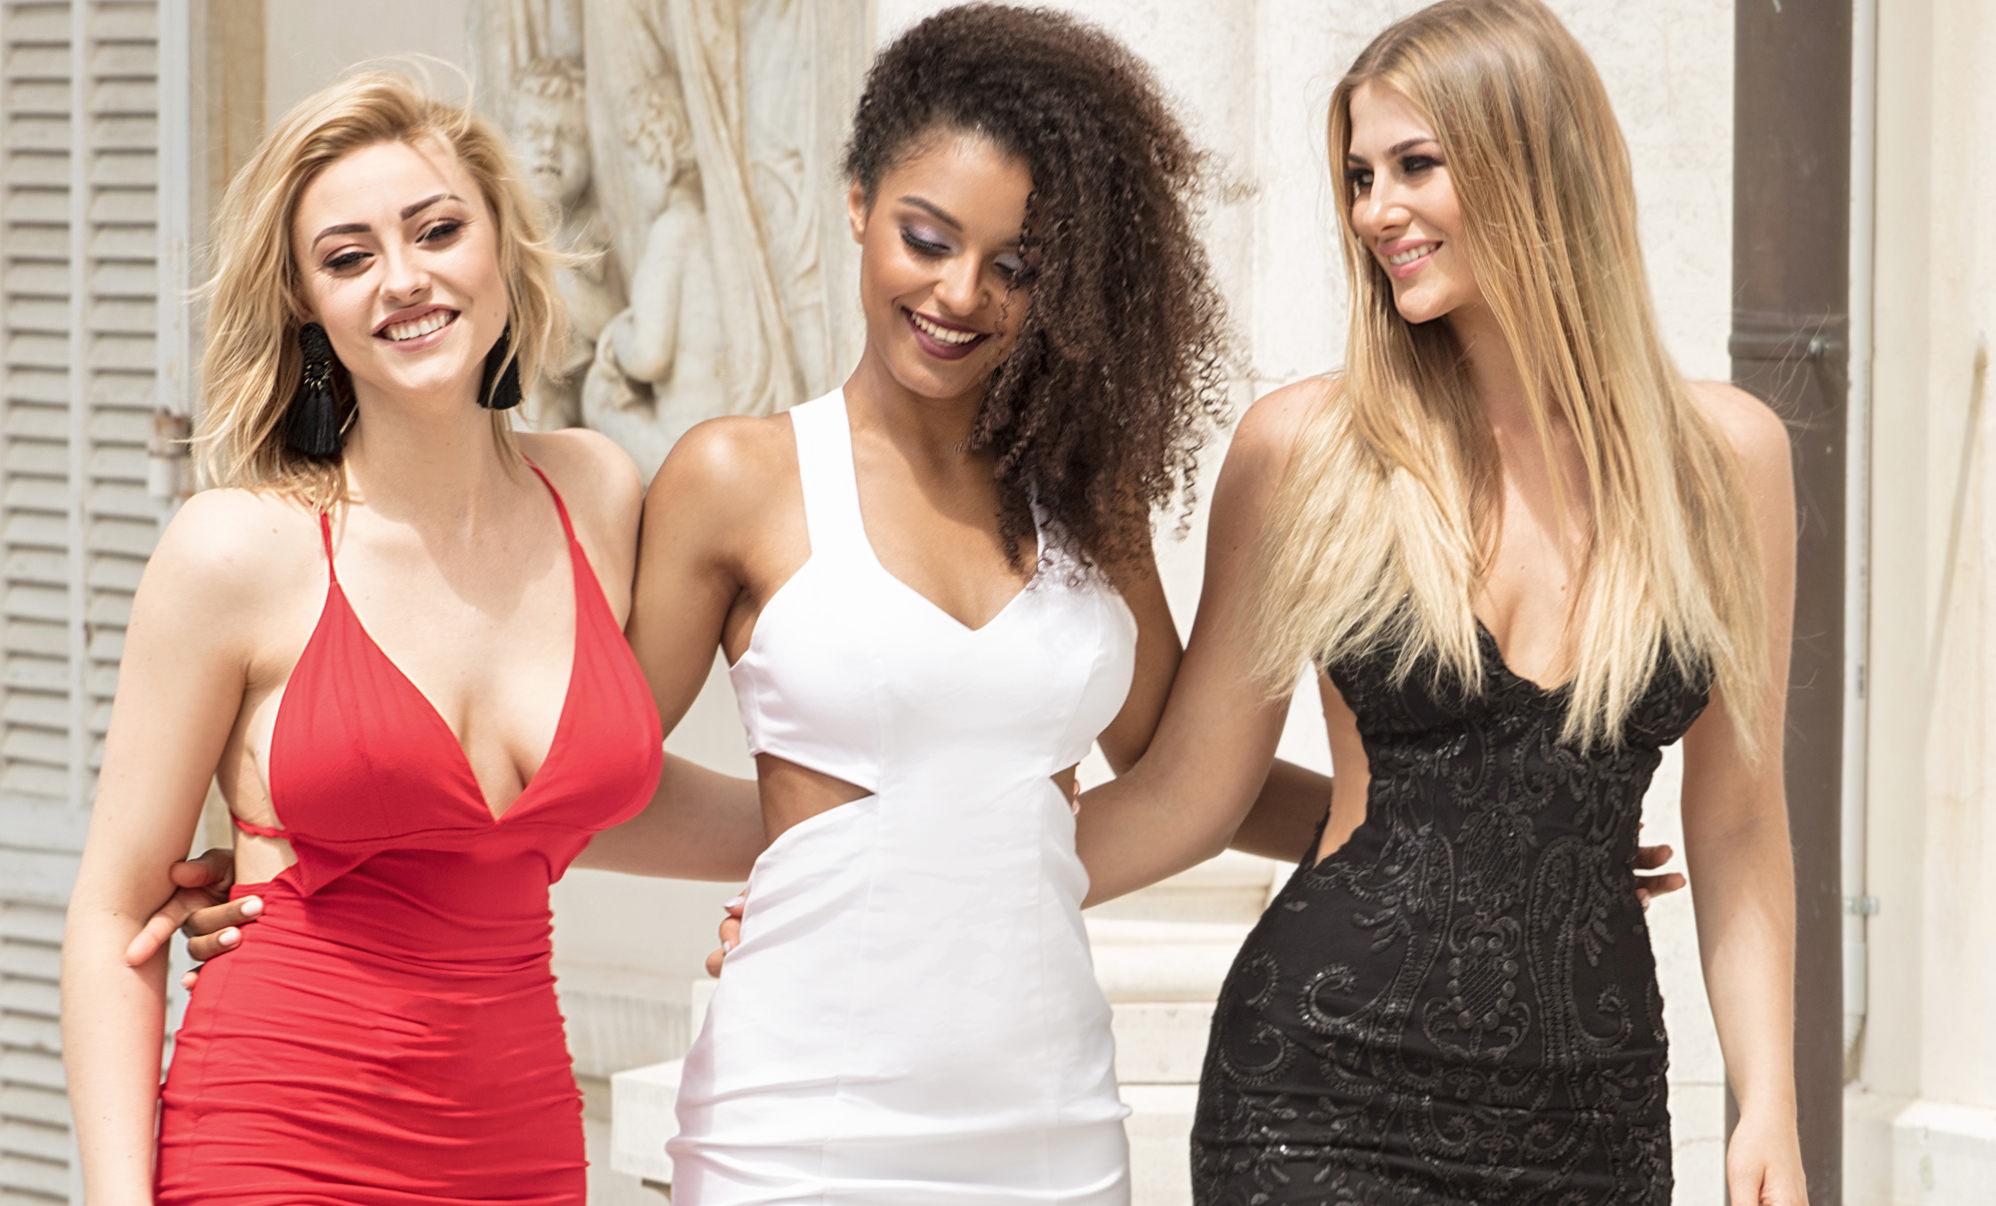 Vestidos De Invitada Para Bodas En 2020 Colecciones Nuevas Y Tendencias